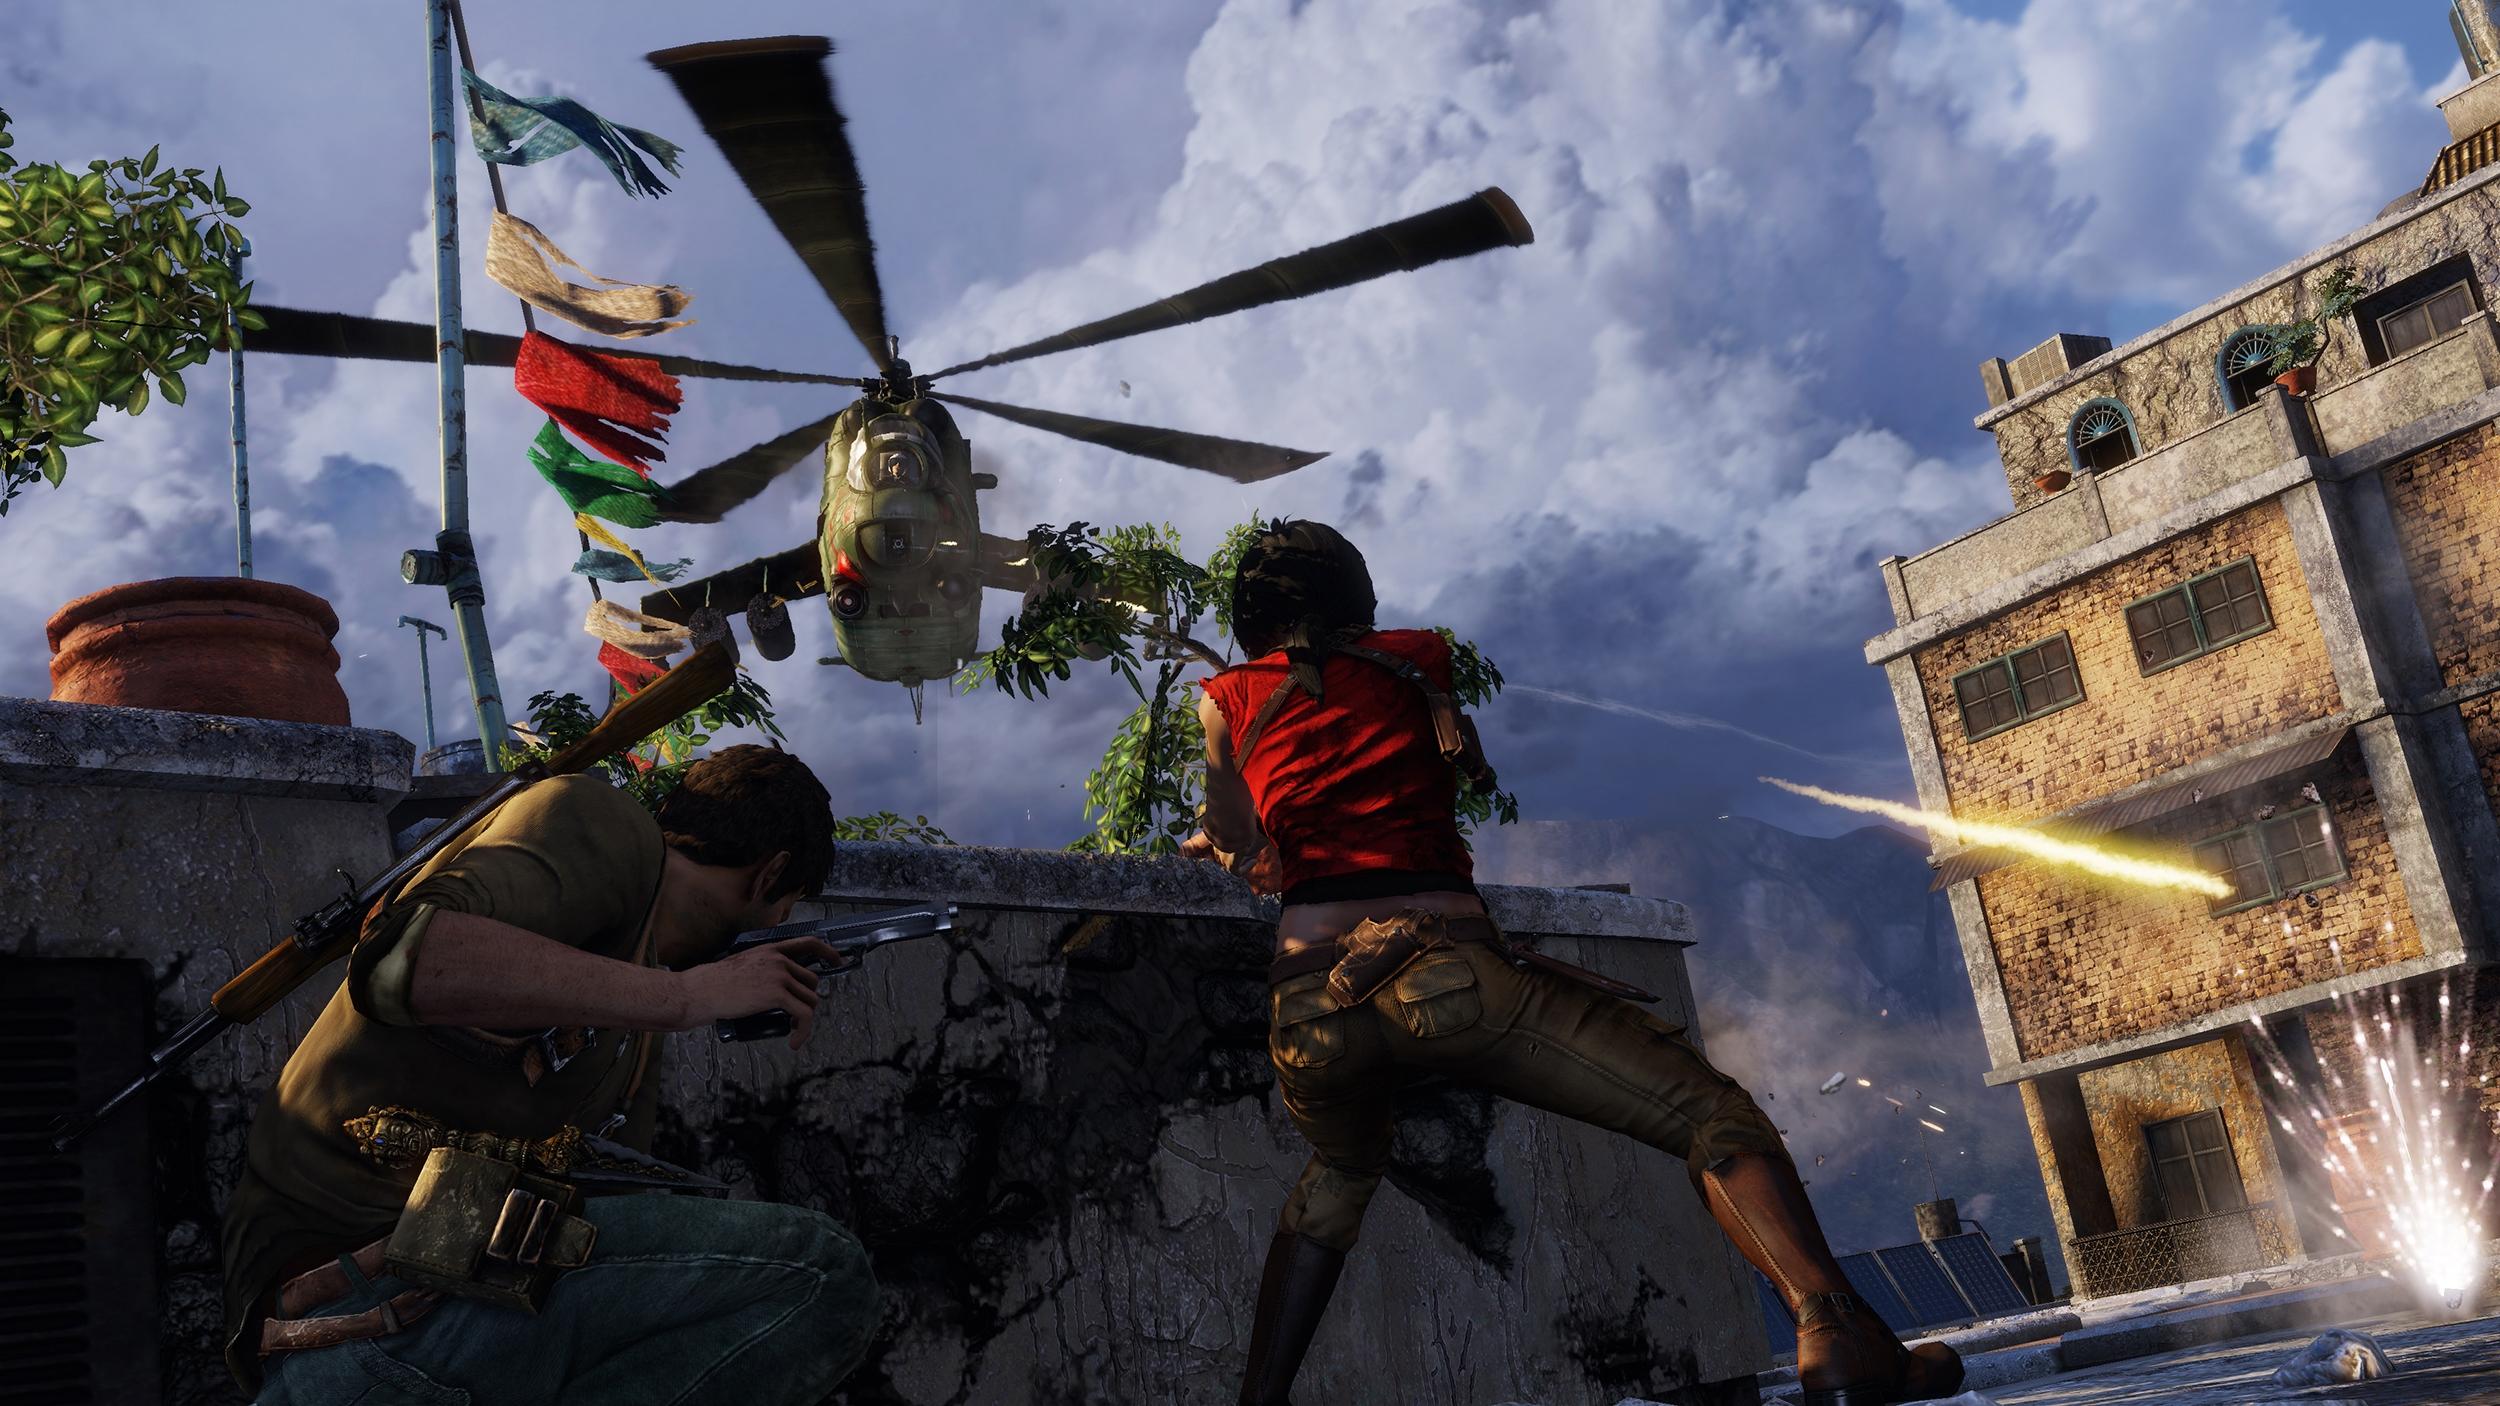 Обновлённую графику PS4-версии Uncharted 2 показали в видеоролике